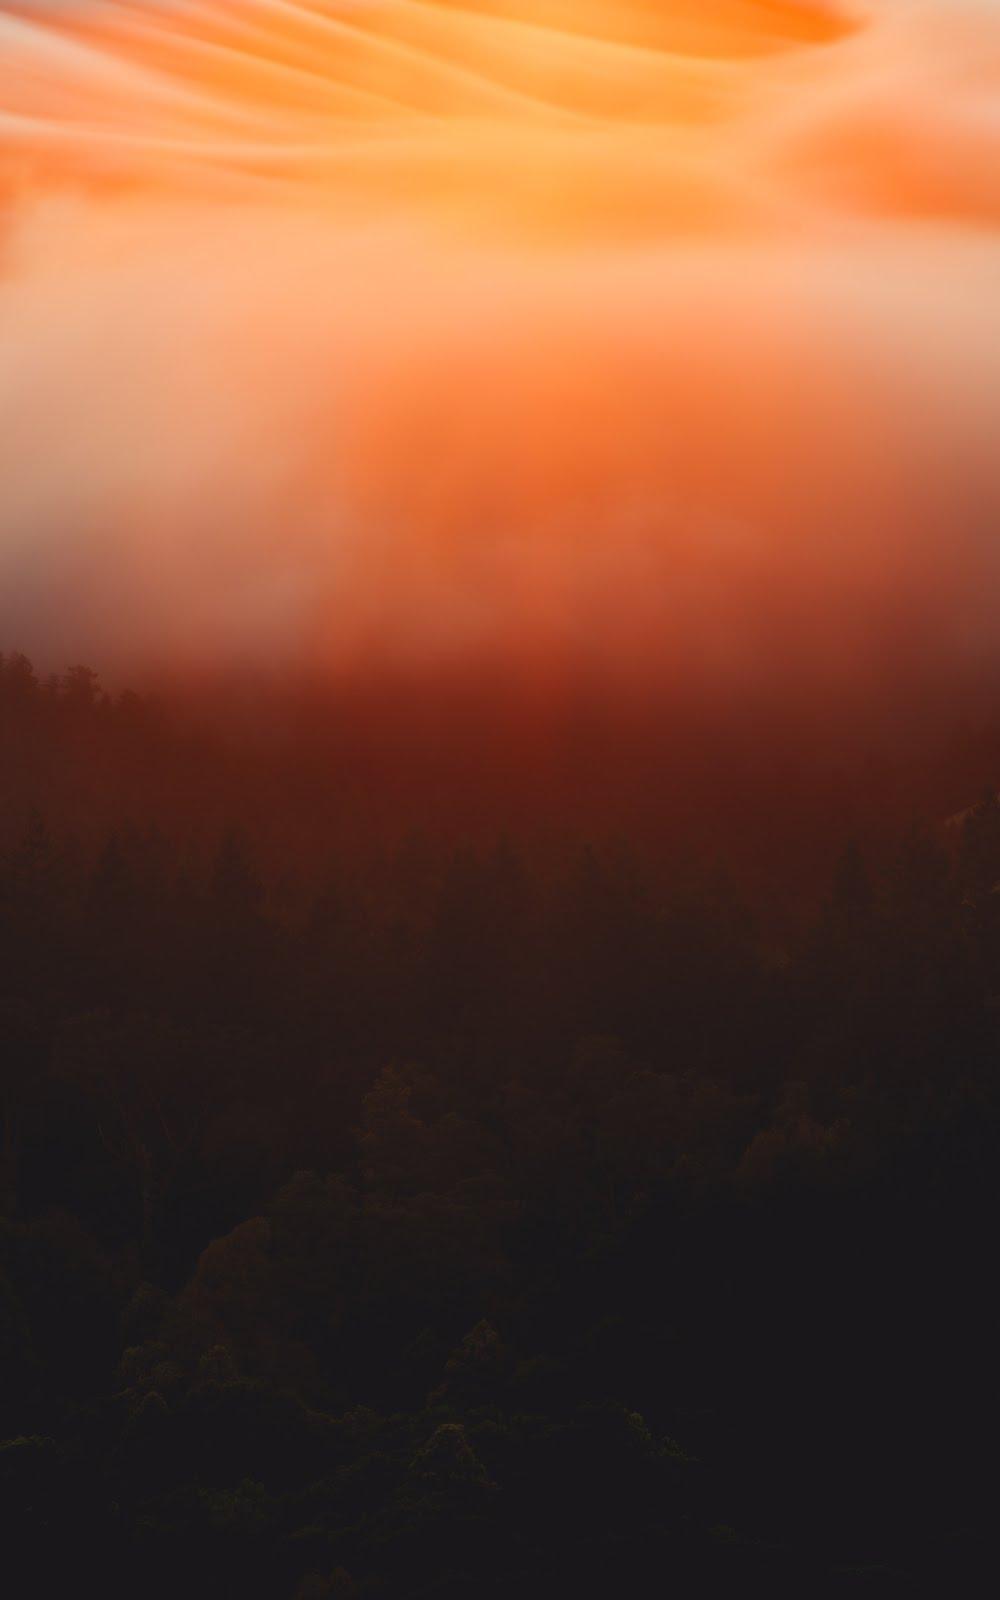 خلفية السماء المضيئة بلون الشفق- خلفيات ايفون فضاء